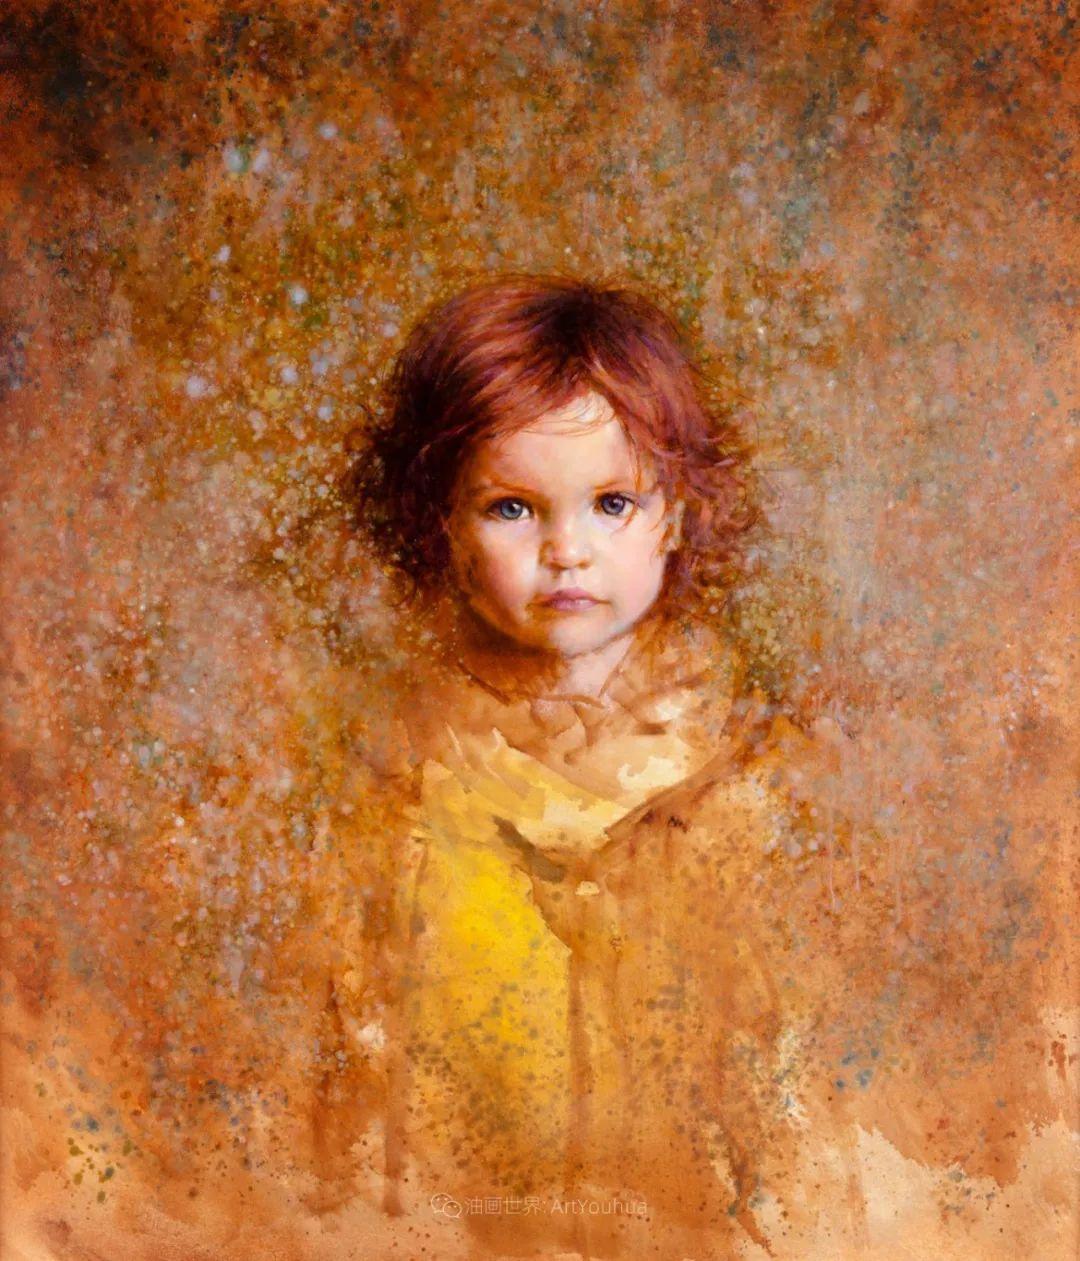 有趣而独特的人物肖像画,美国画家塞思·哈维坎普插图30